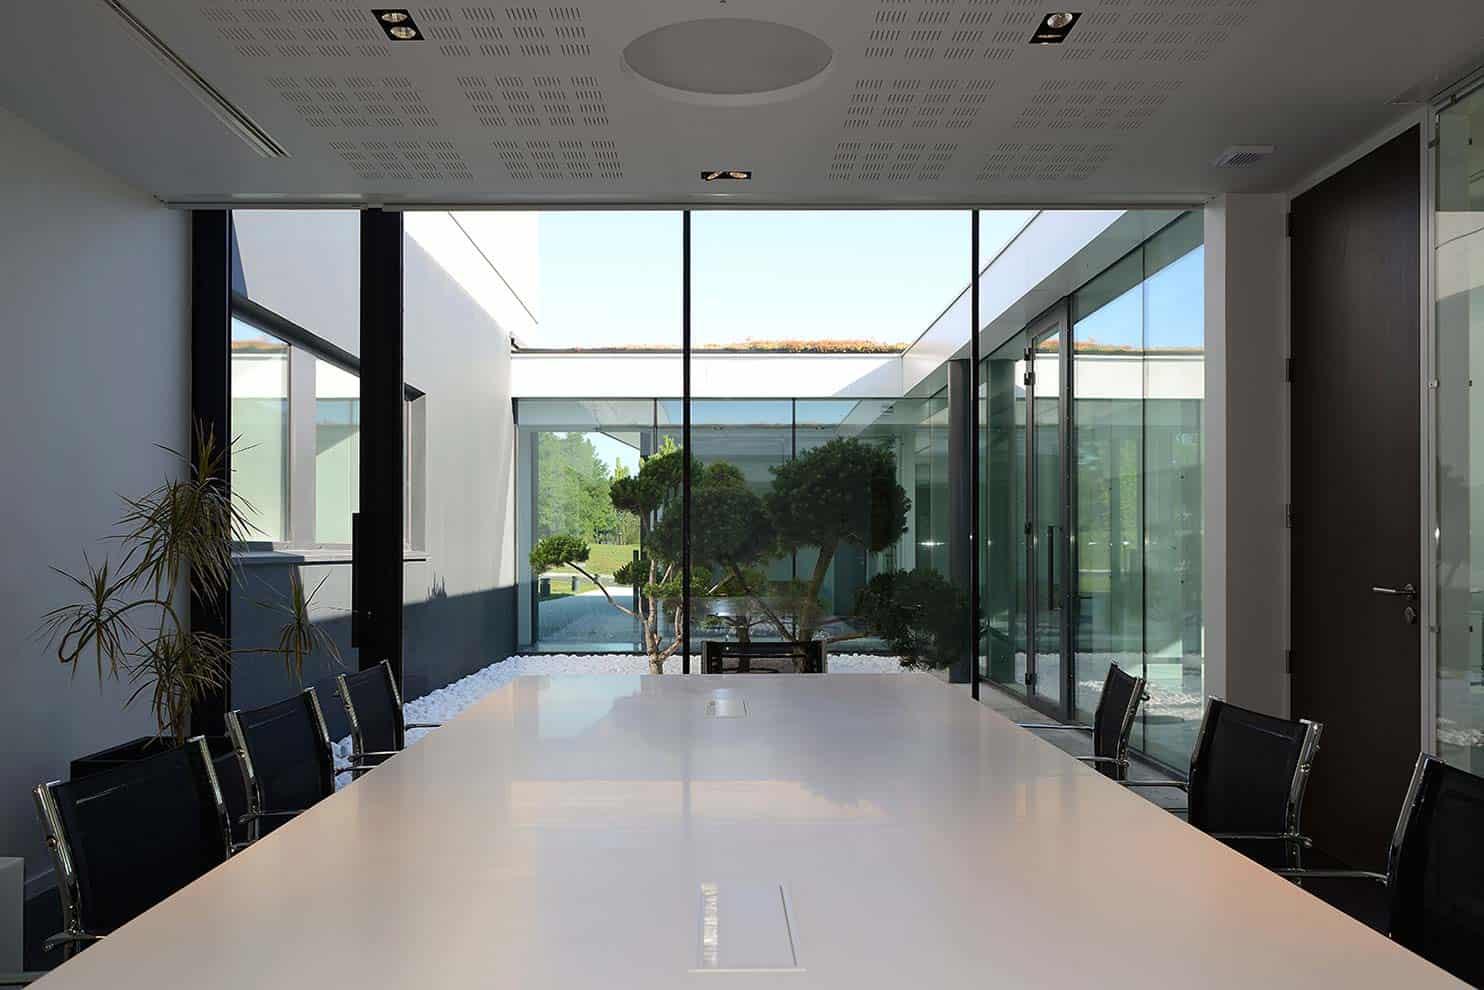 Salle de réunion en lien avec le patio, via les vitrages minimalistes, sans cadres, réalisés sur-mesure. Architecte Pierre Minassian - Agence au*m Photographe Erick Saillet